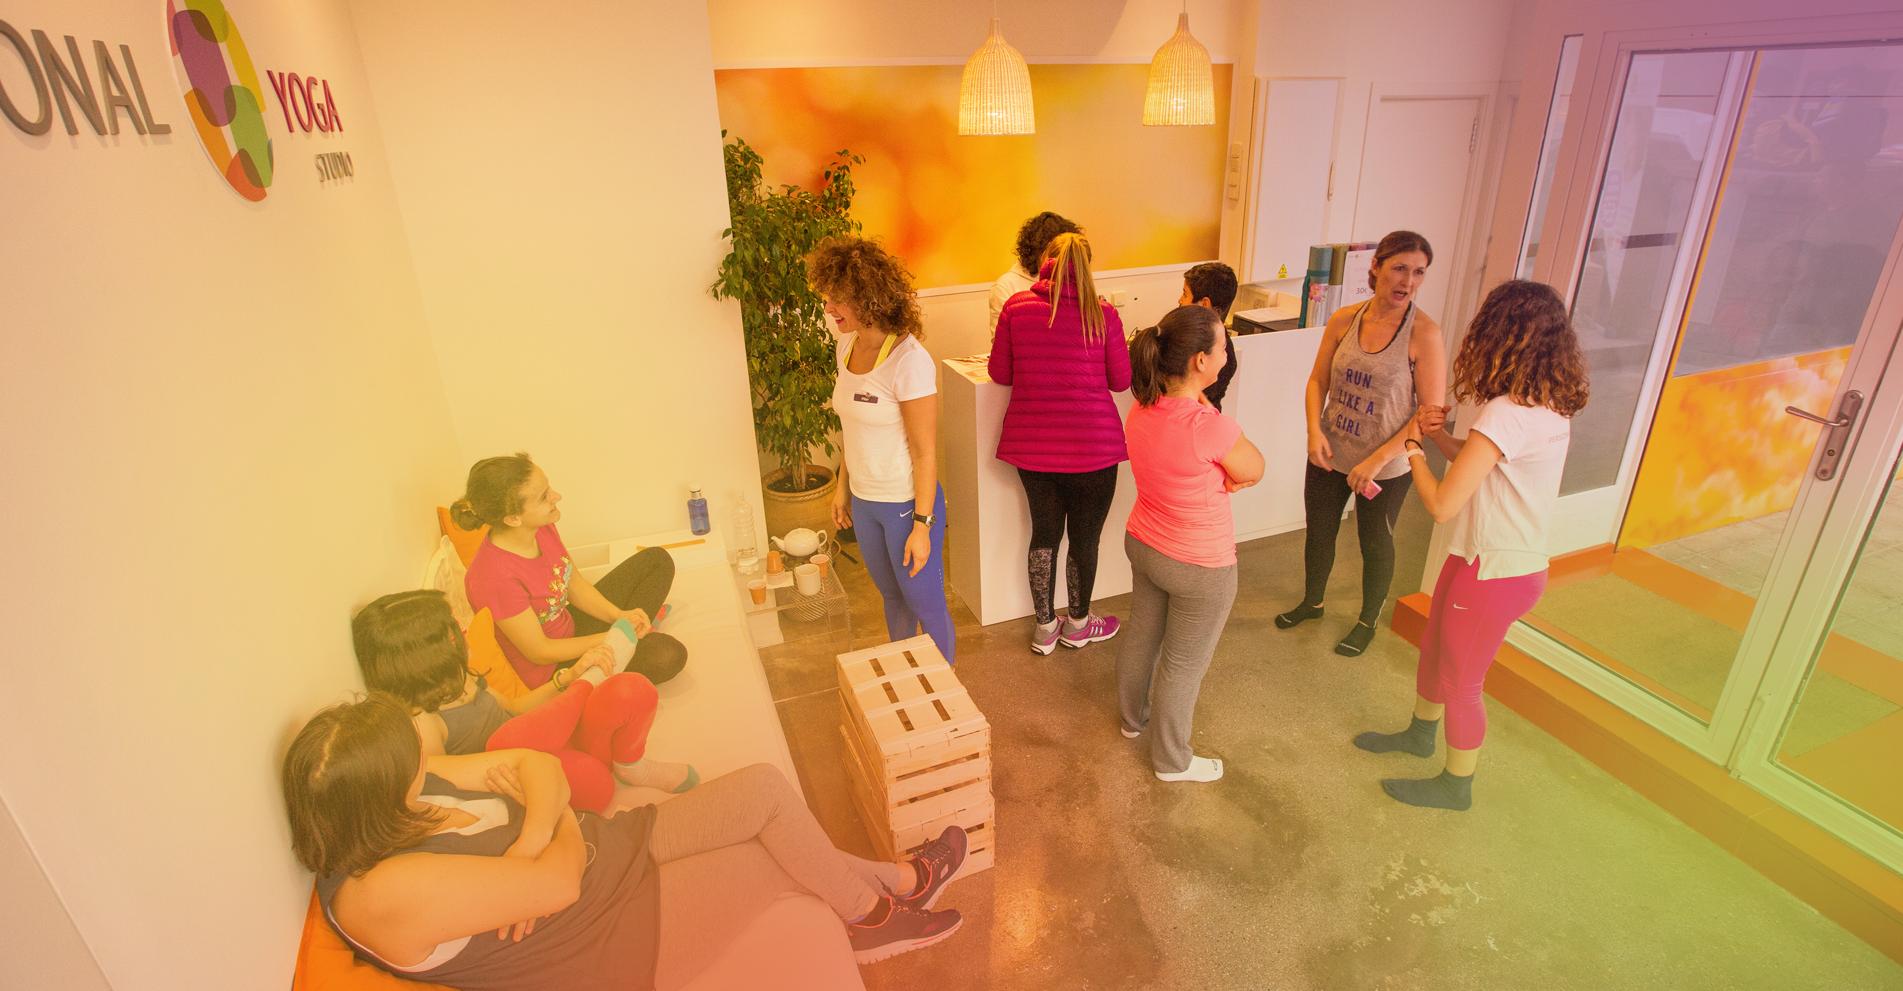 Personal Yoga Studio Entrada